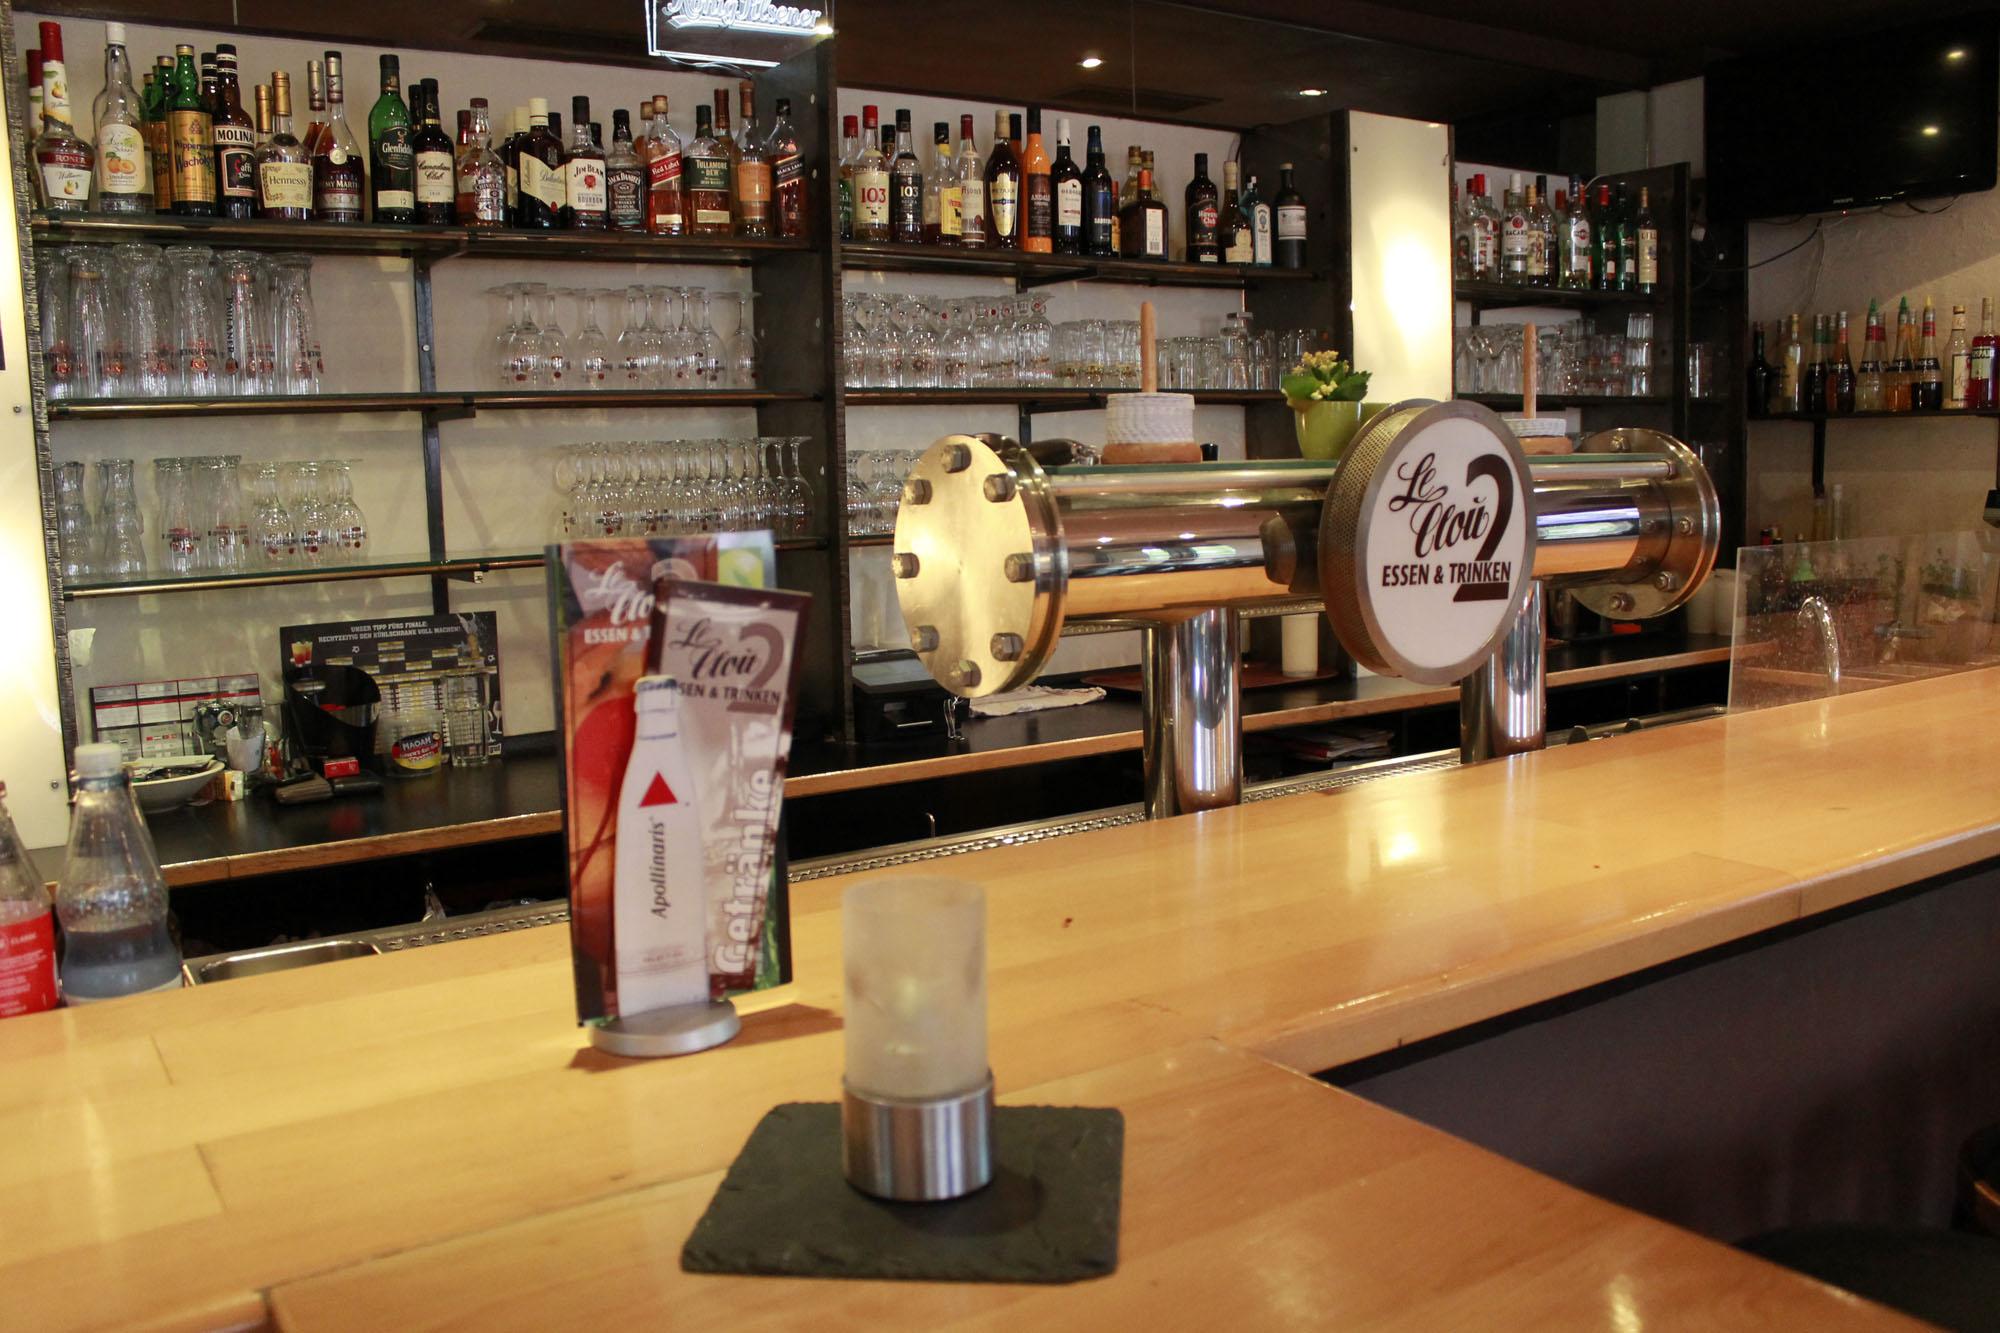 Le Clou 2 Bar